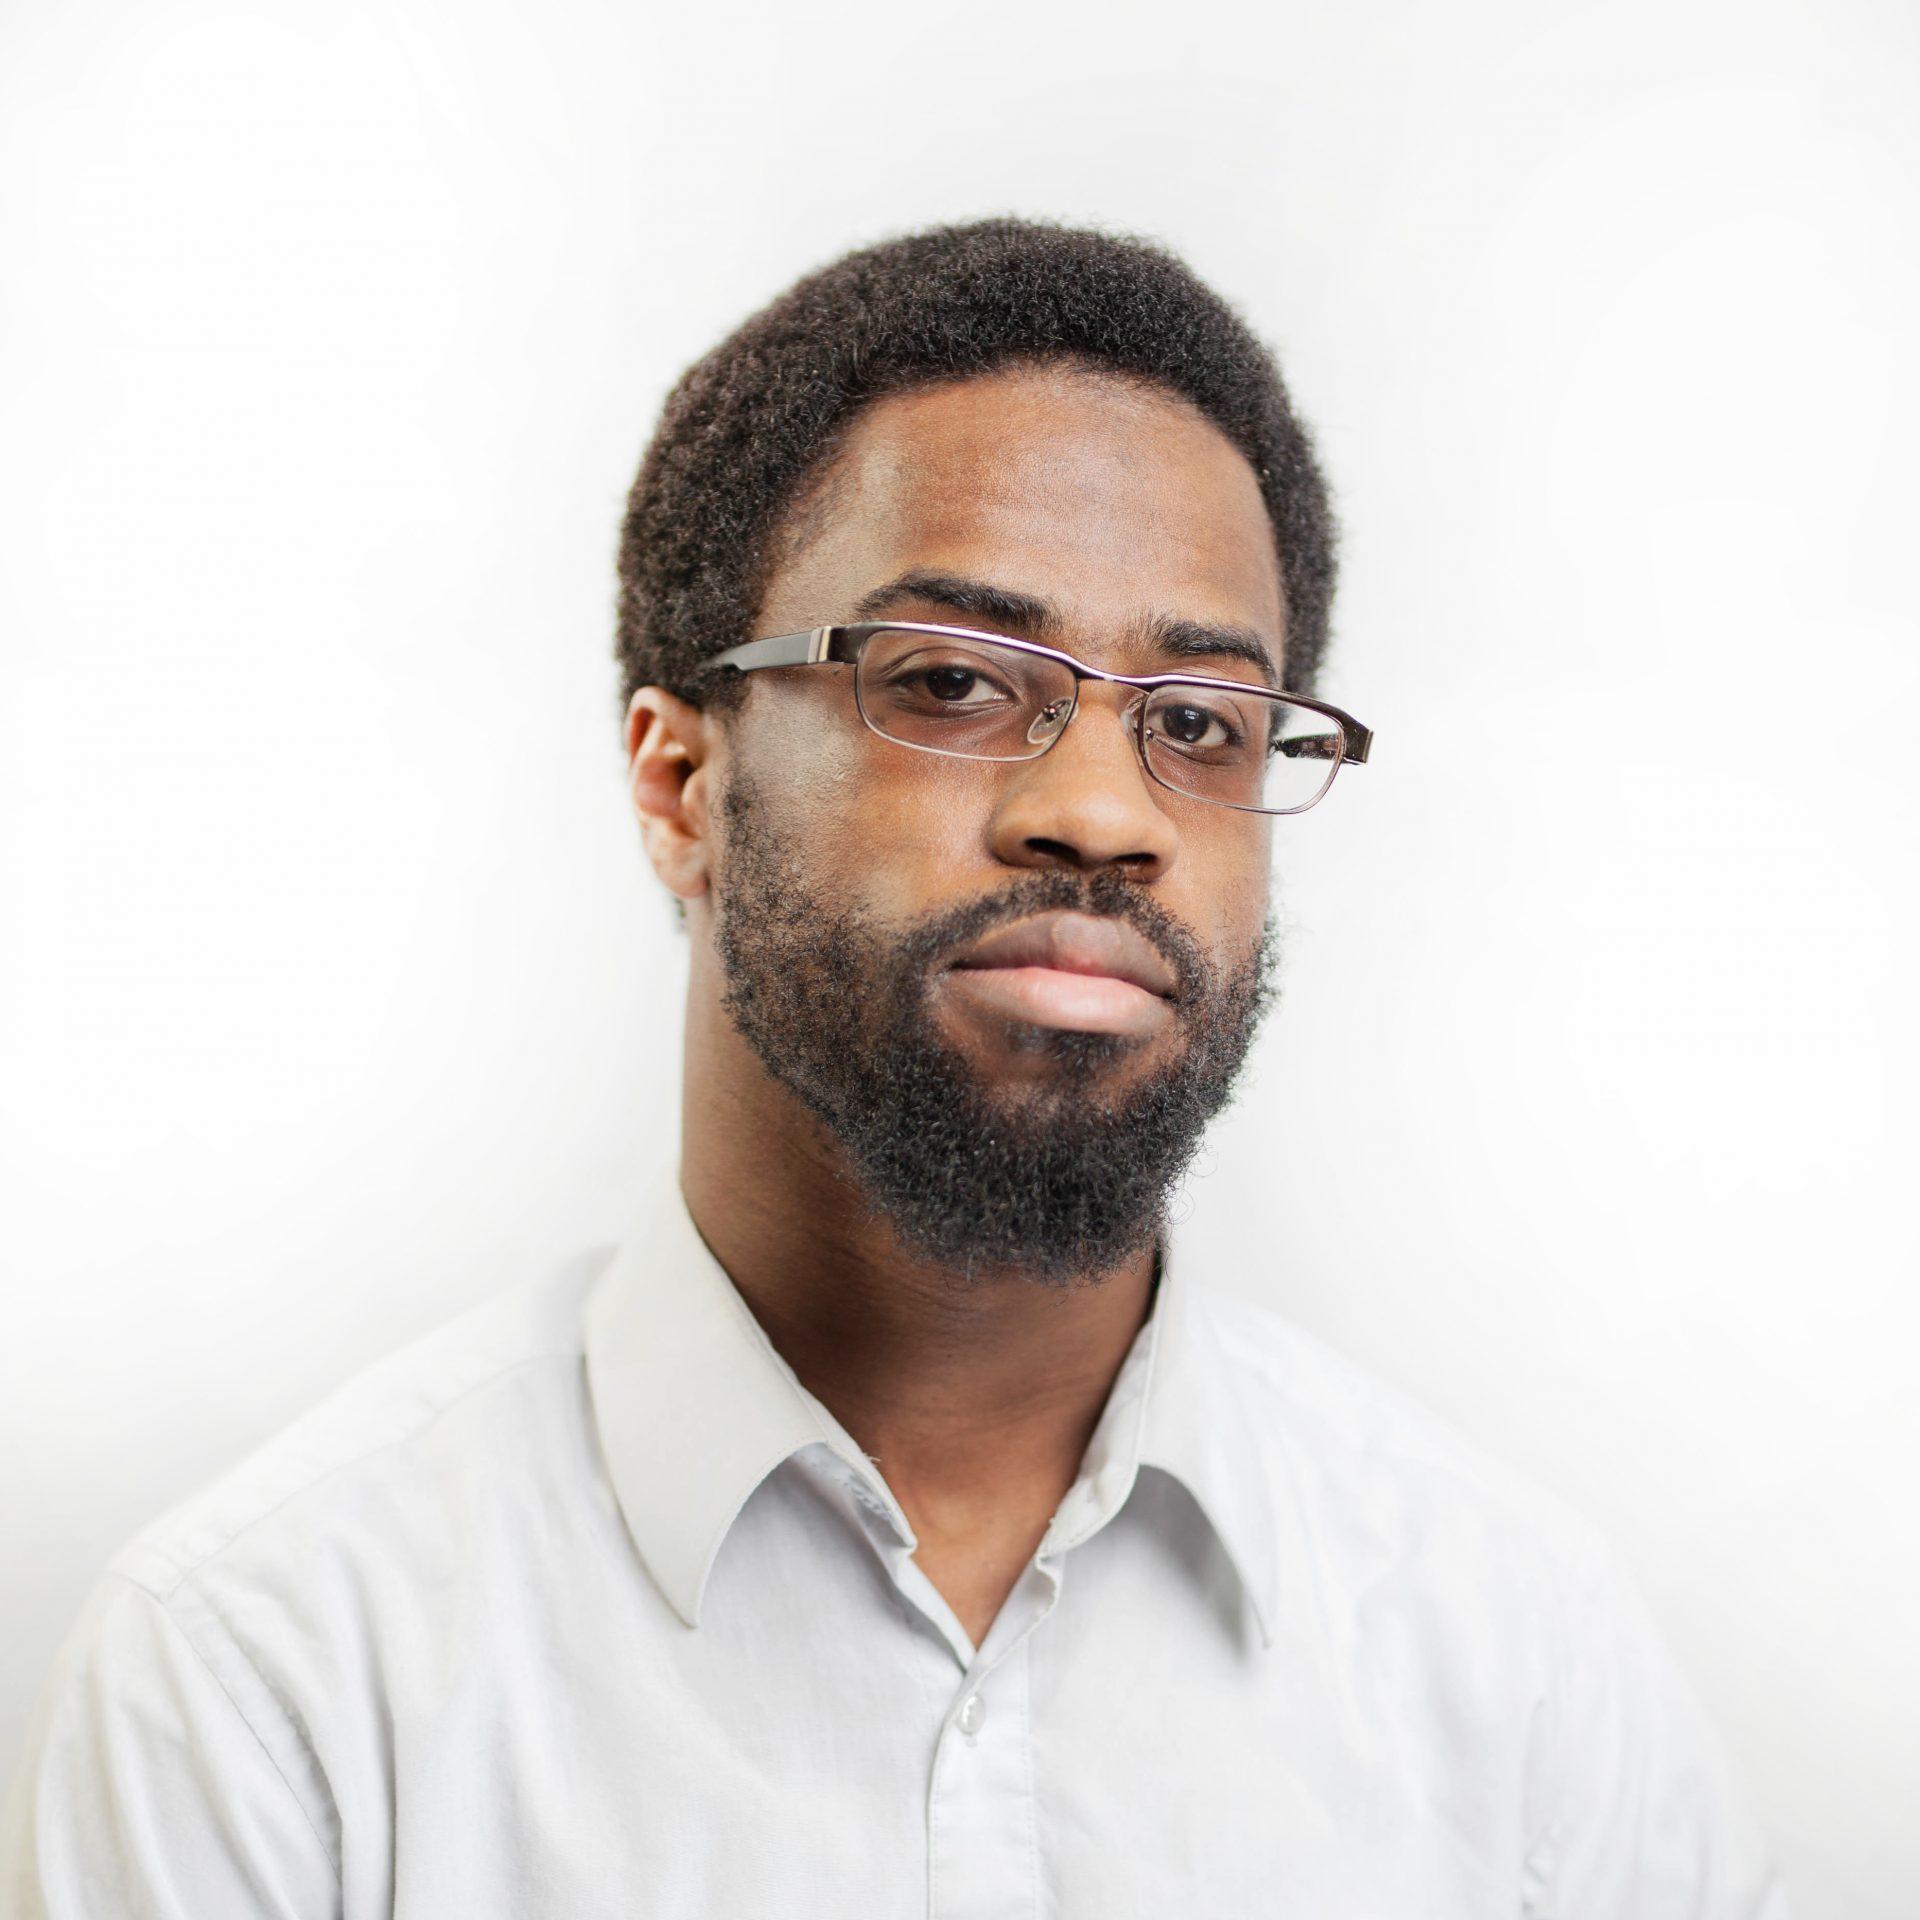 Daniel Spearman DL4, Webmaster, webmaster@district10.org